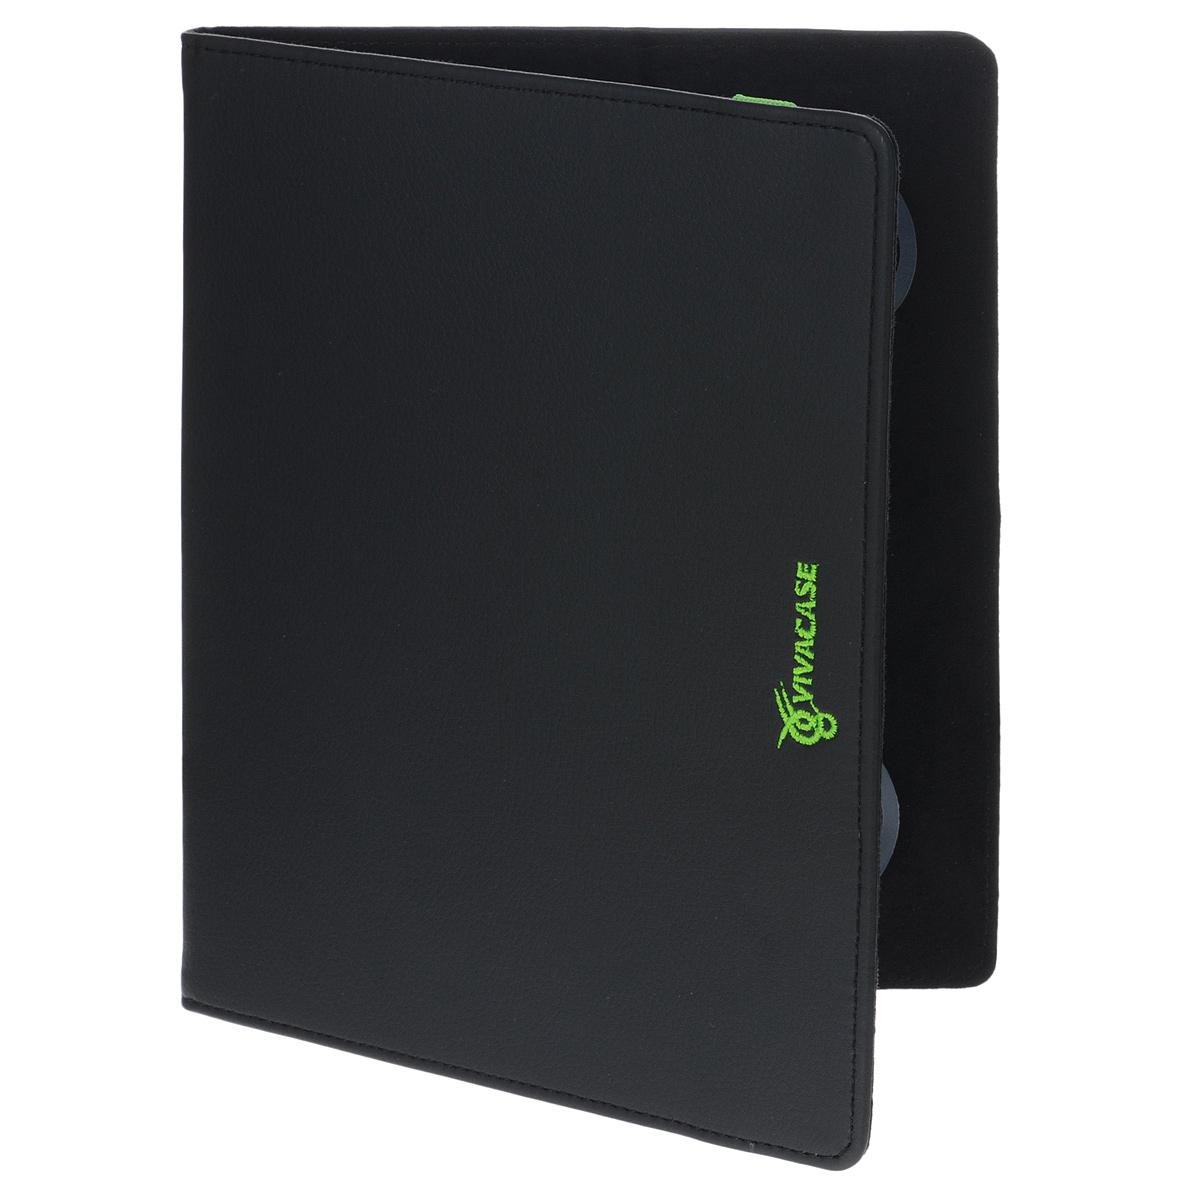 все цены на  Vivacase Neon универсальный чехол-обложка для планшетов 10